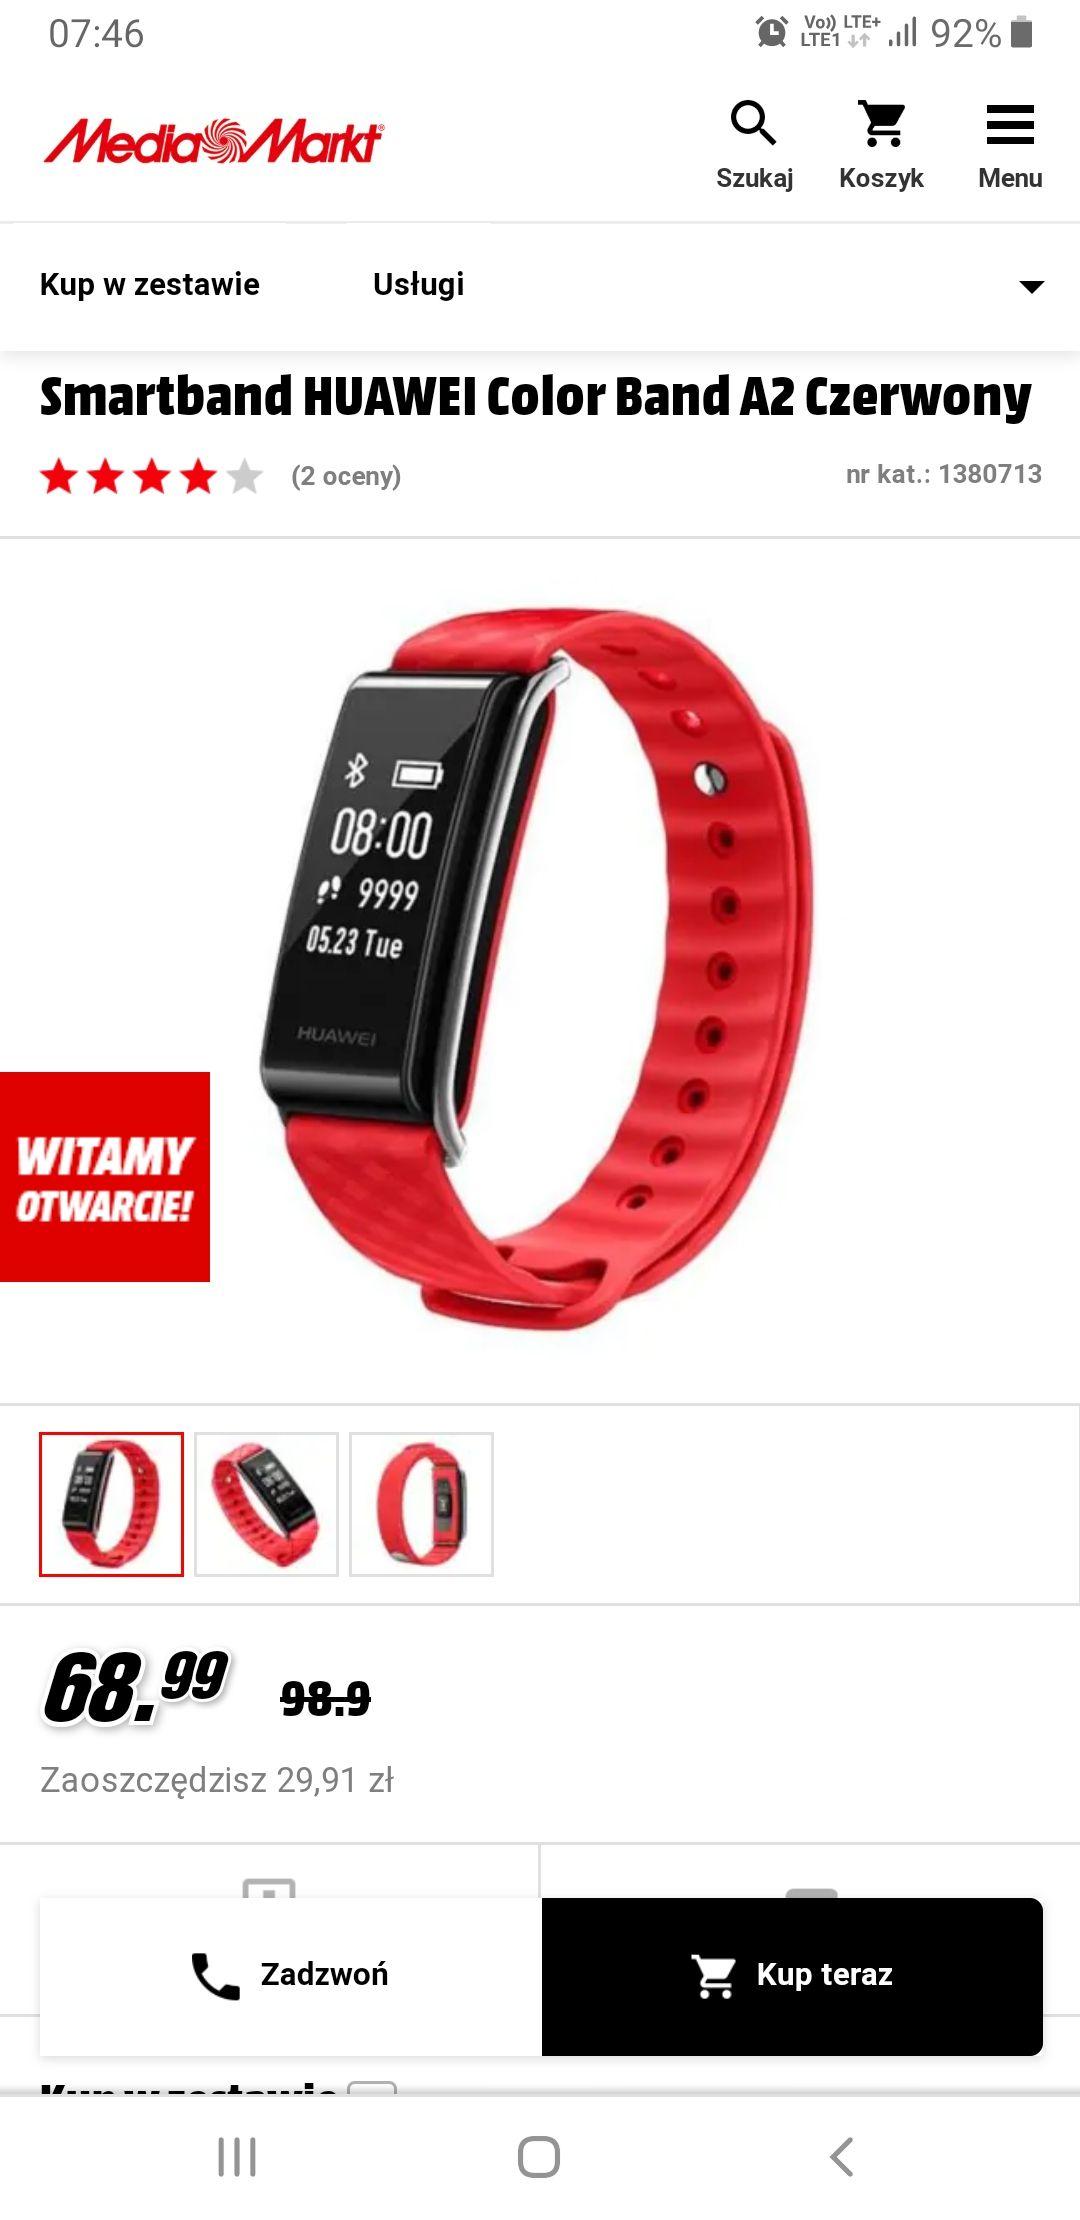 Smartband HUAWEI Color Band A2 Czerwony